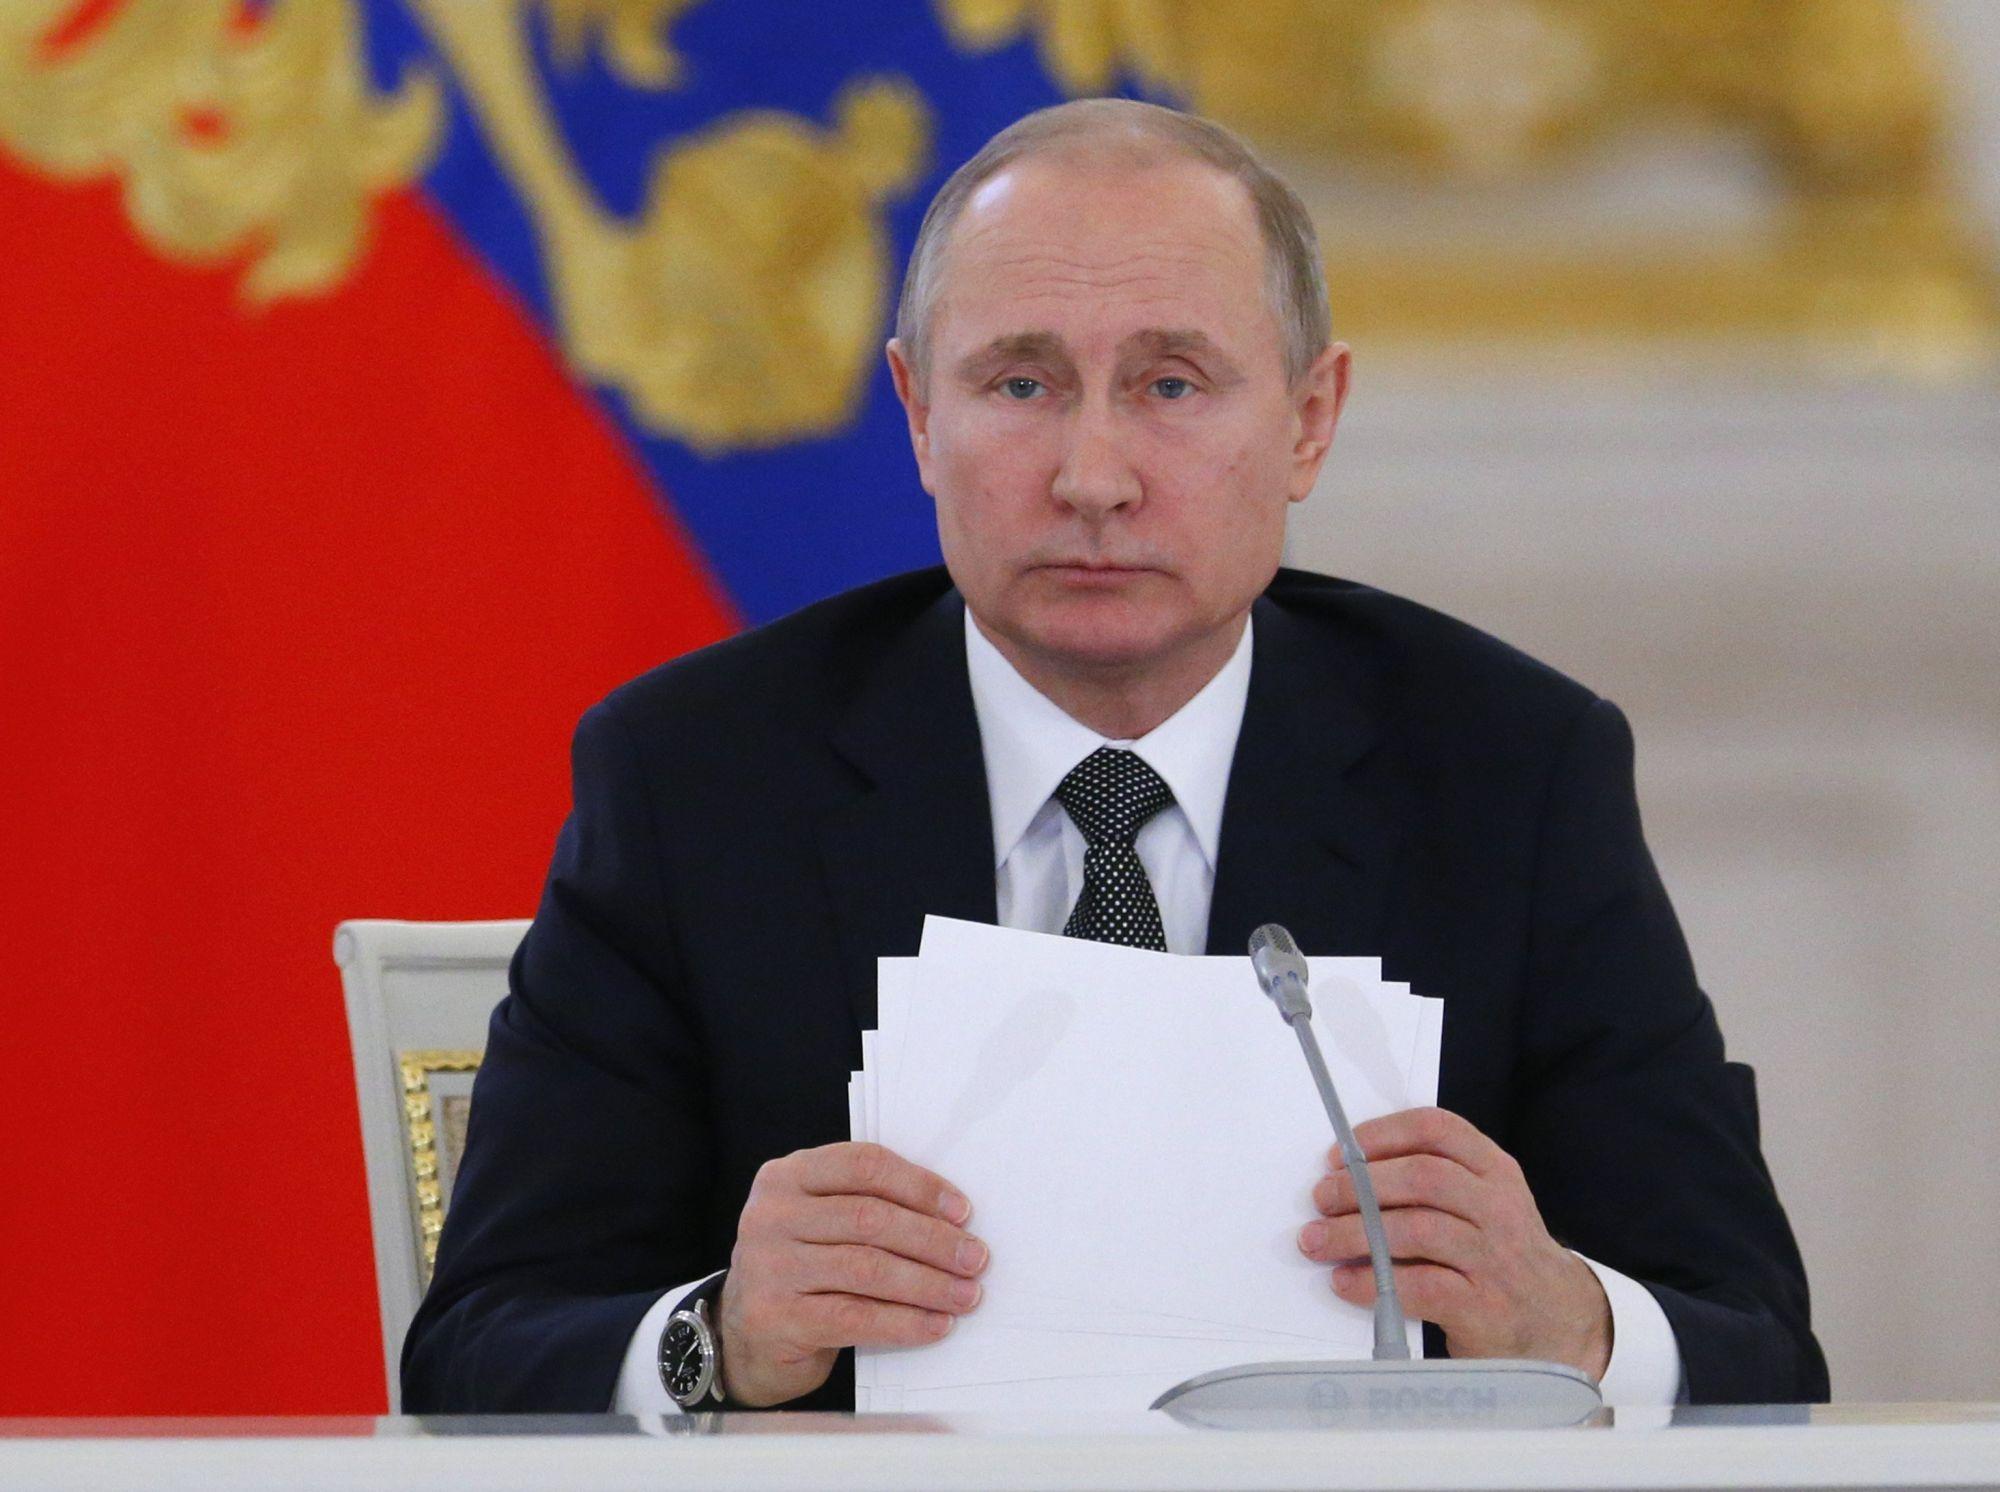 Vlagyimir Putyin orosz elnök az Államtanács ülésén a moszkvai Kremlben 2018. április 5-én. (MTI/EPA/AP pool/Alekszandr Zemljanyicsenko)